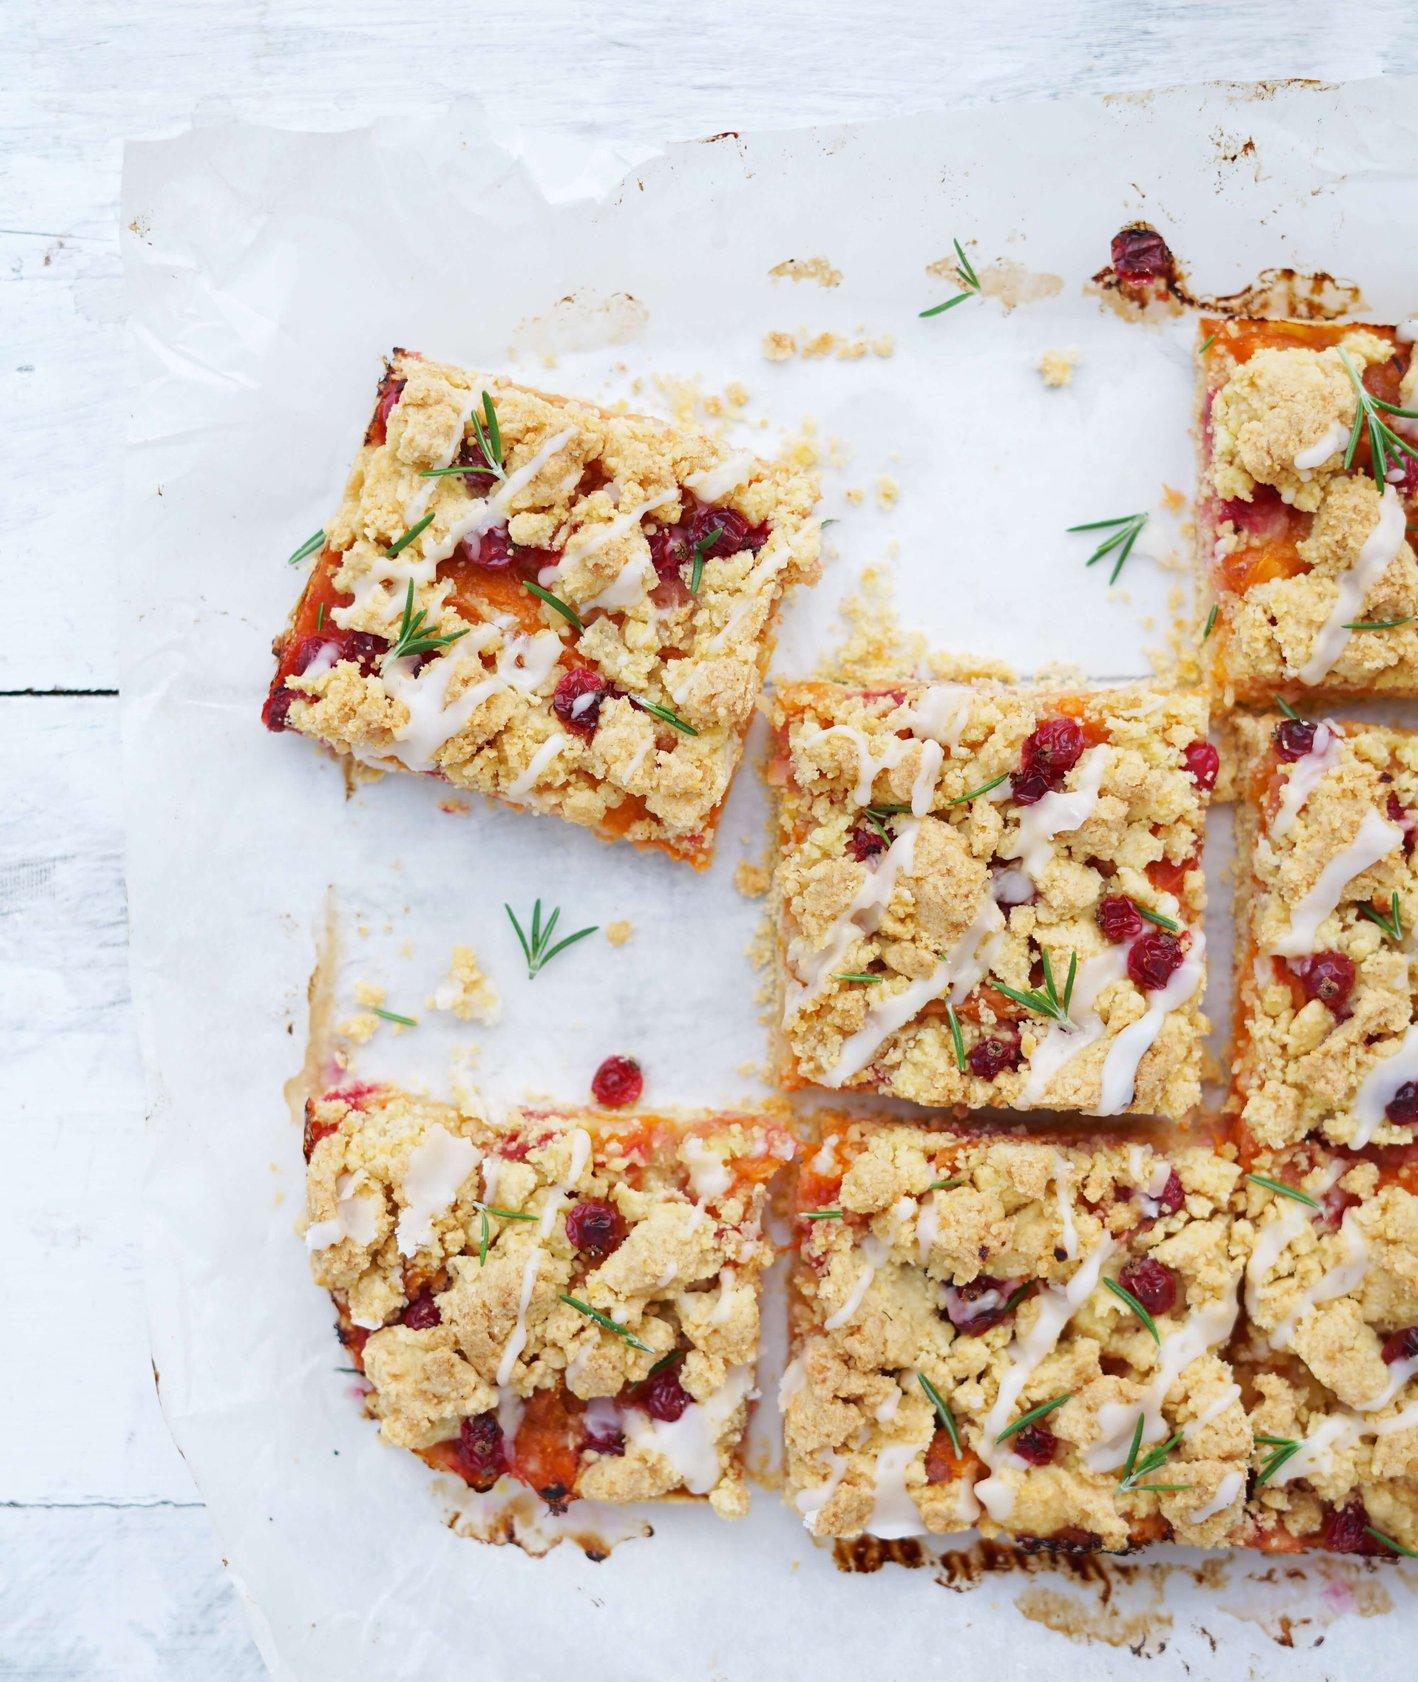 Bezglutenowe ciasto z kruszonką z morelami i porzeczkami lub innymi sezonowymi owocami